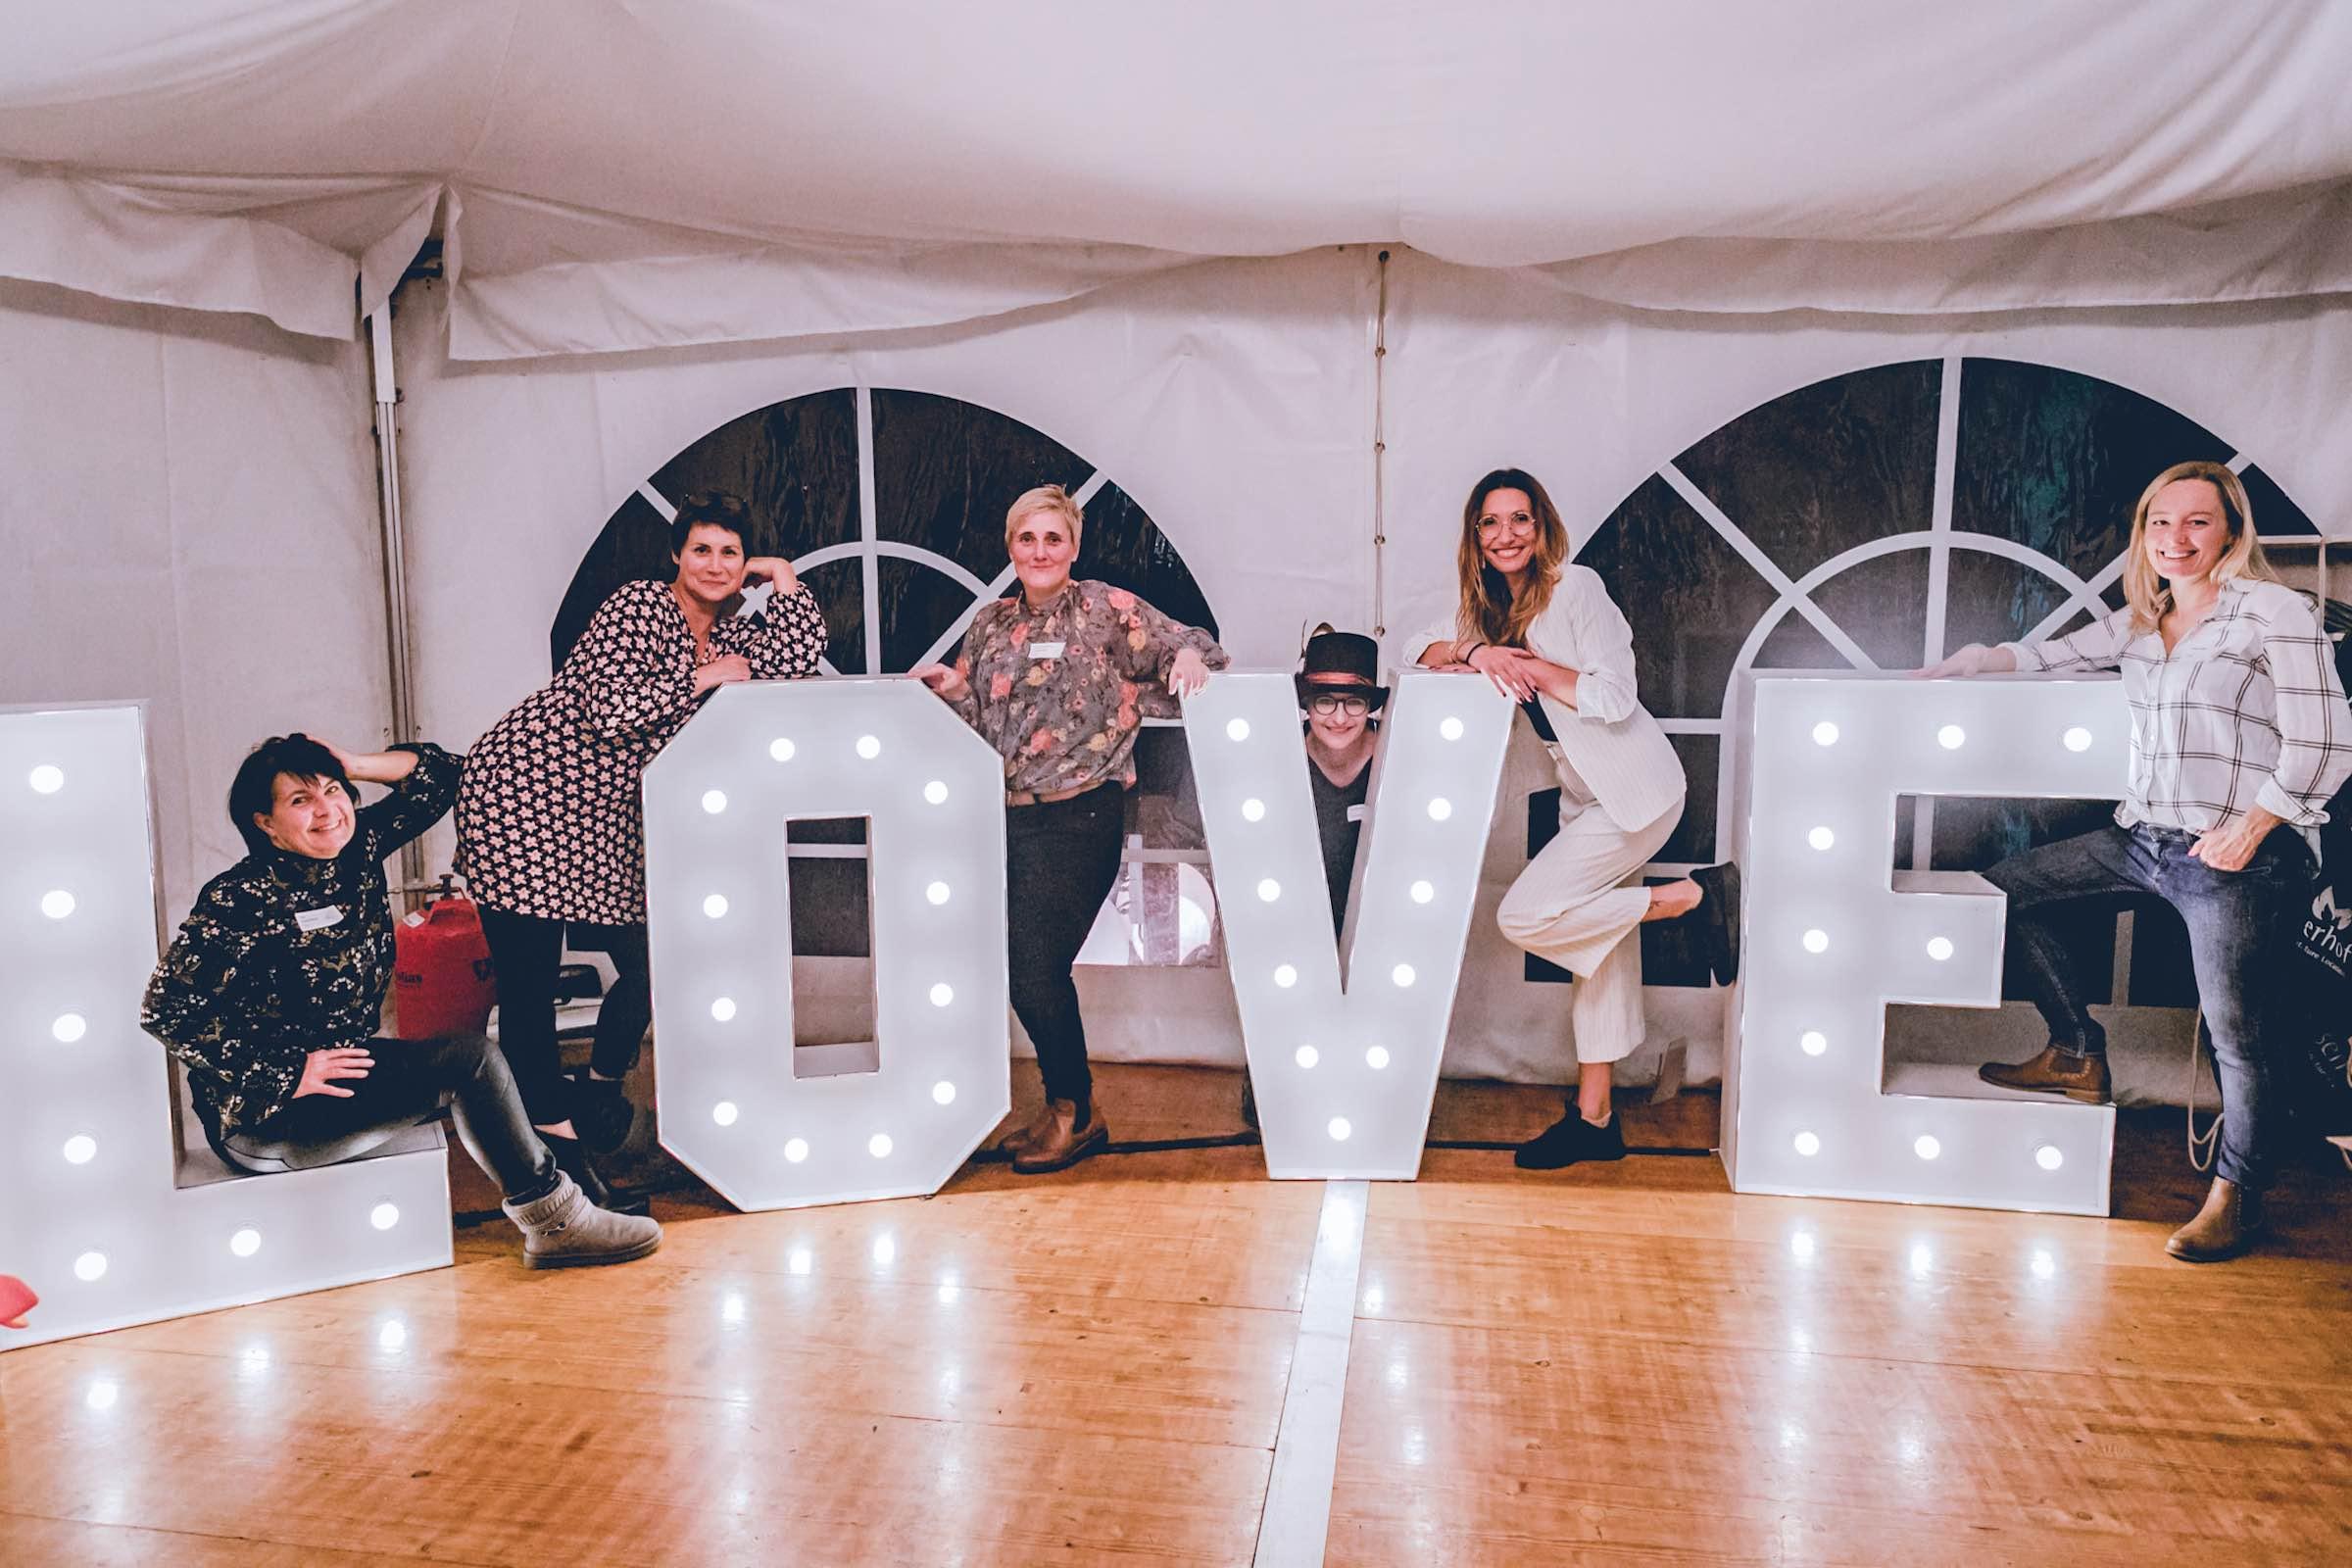 Häserhof   Reddestorf   Location   Referenz   Hochzeitsplaner   Eventplaner   Eventaustattung   Leuchtbuchstaben   LED   LOVE   Buchstaben   XXL   Mieten   Buchen   Lehmann   Eventservice